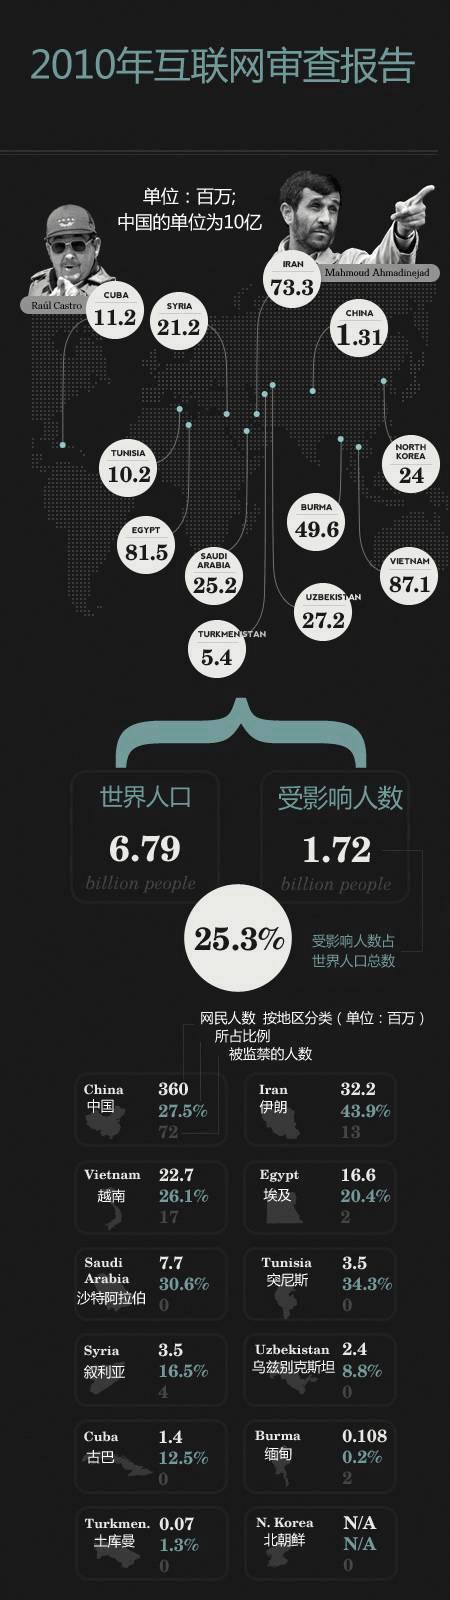 2010年互联网审查报告